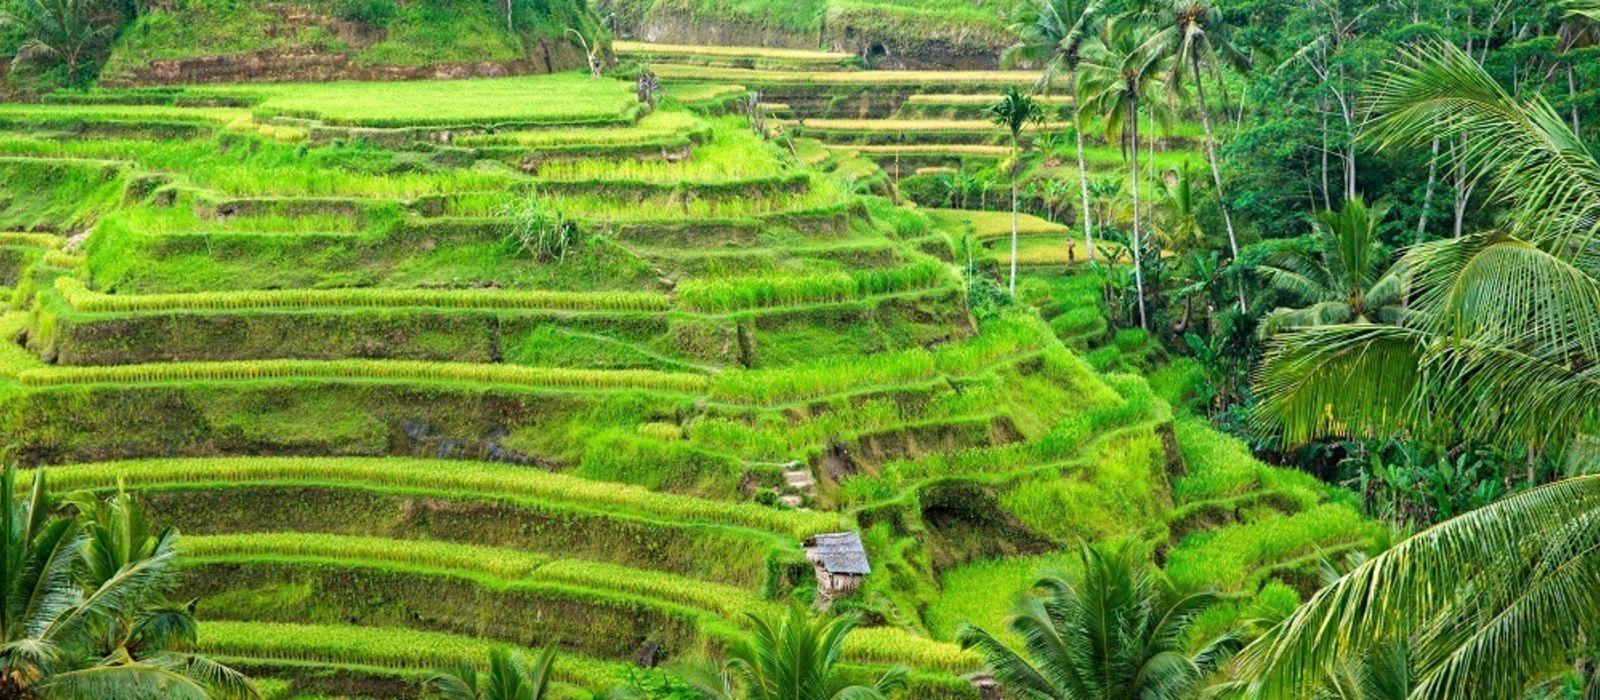 Indonesien Rundreise: Im Reich des Komododrachens Urlaub 2